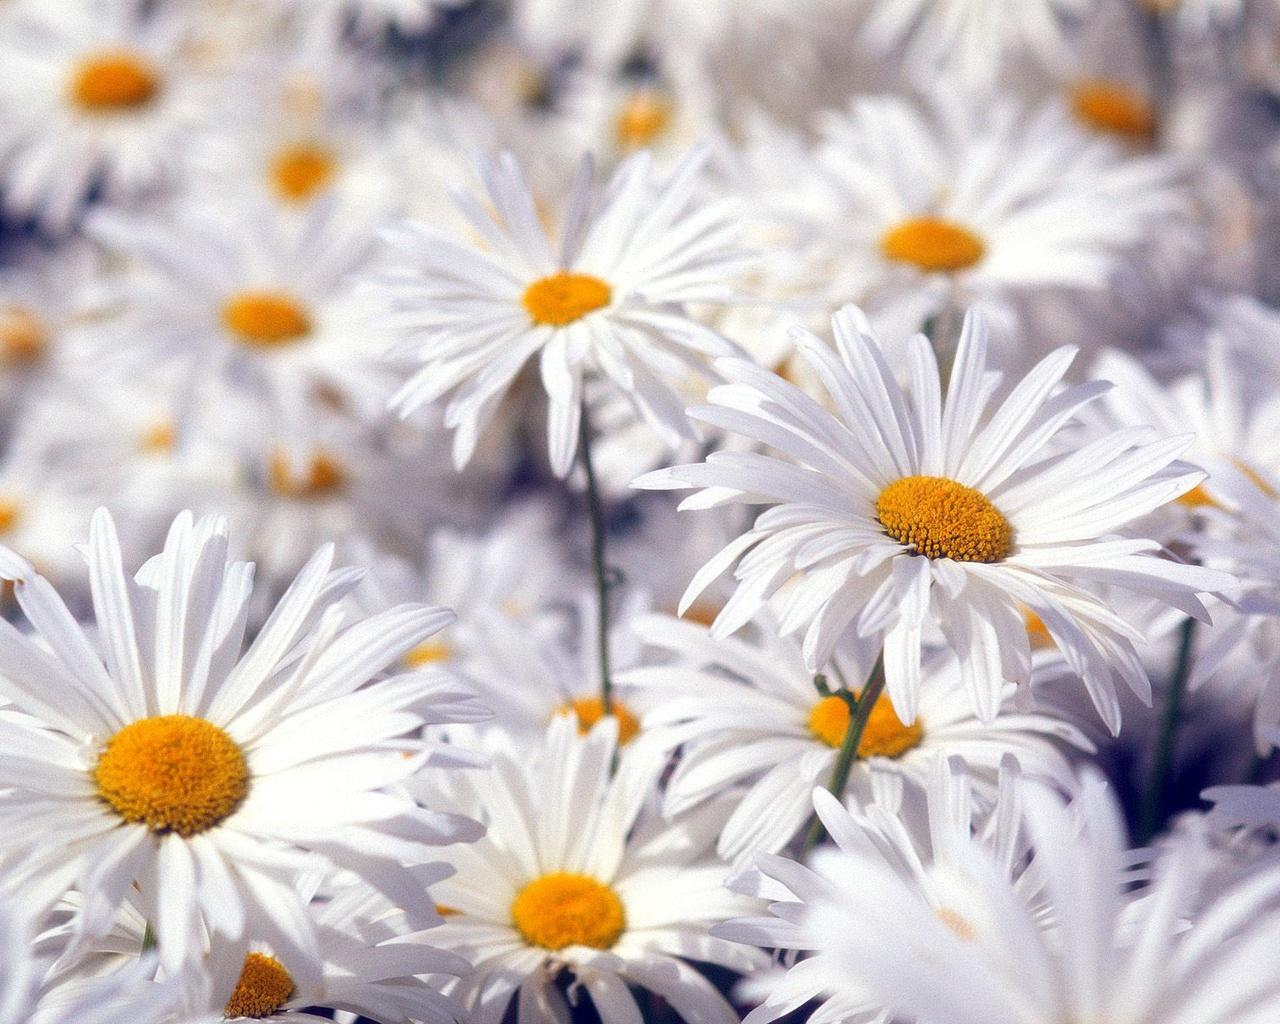 Hd Photo Gallery Beautyfull Flower Walpaper 100high 43